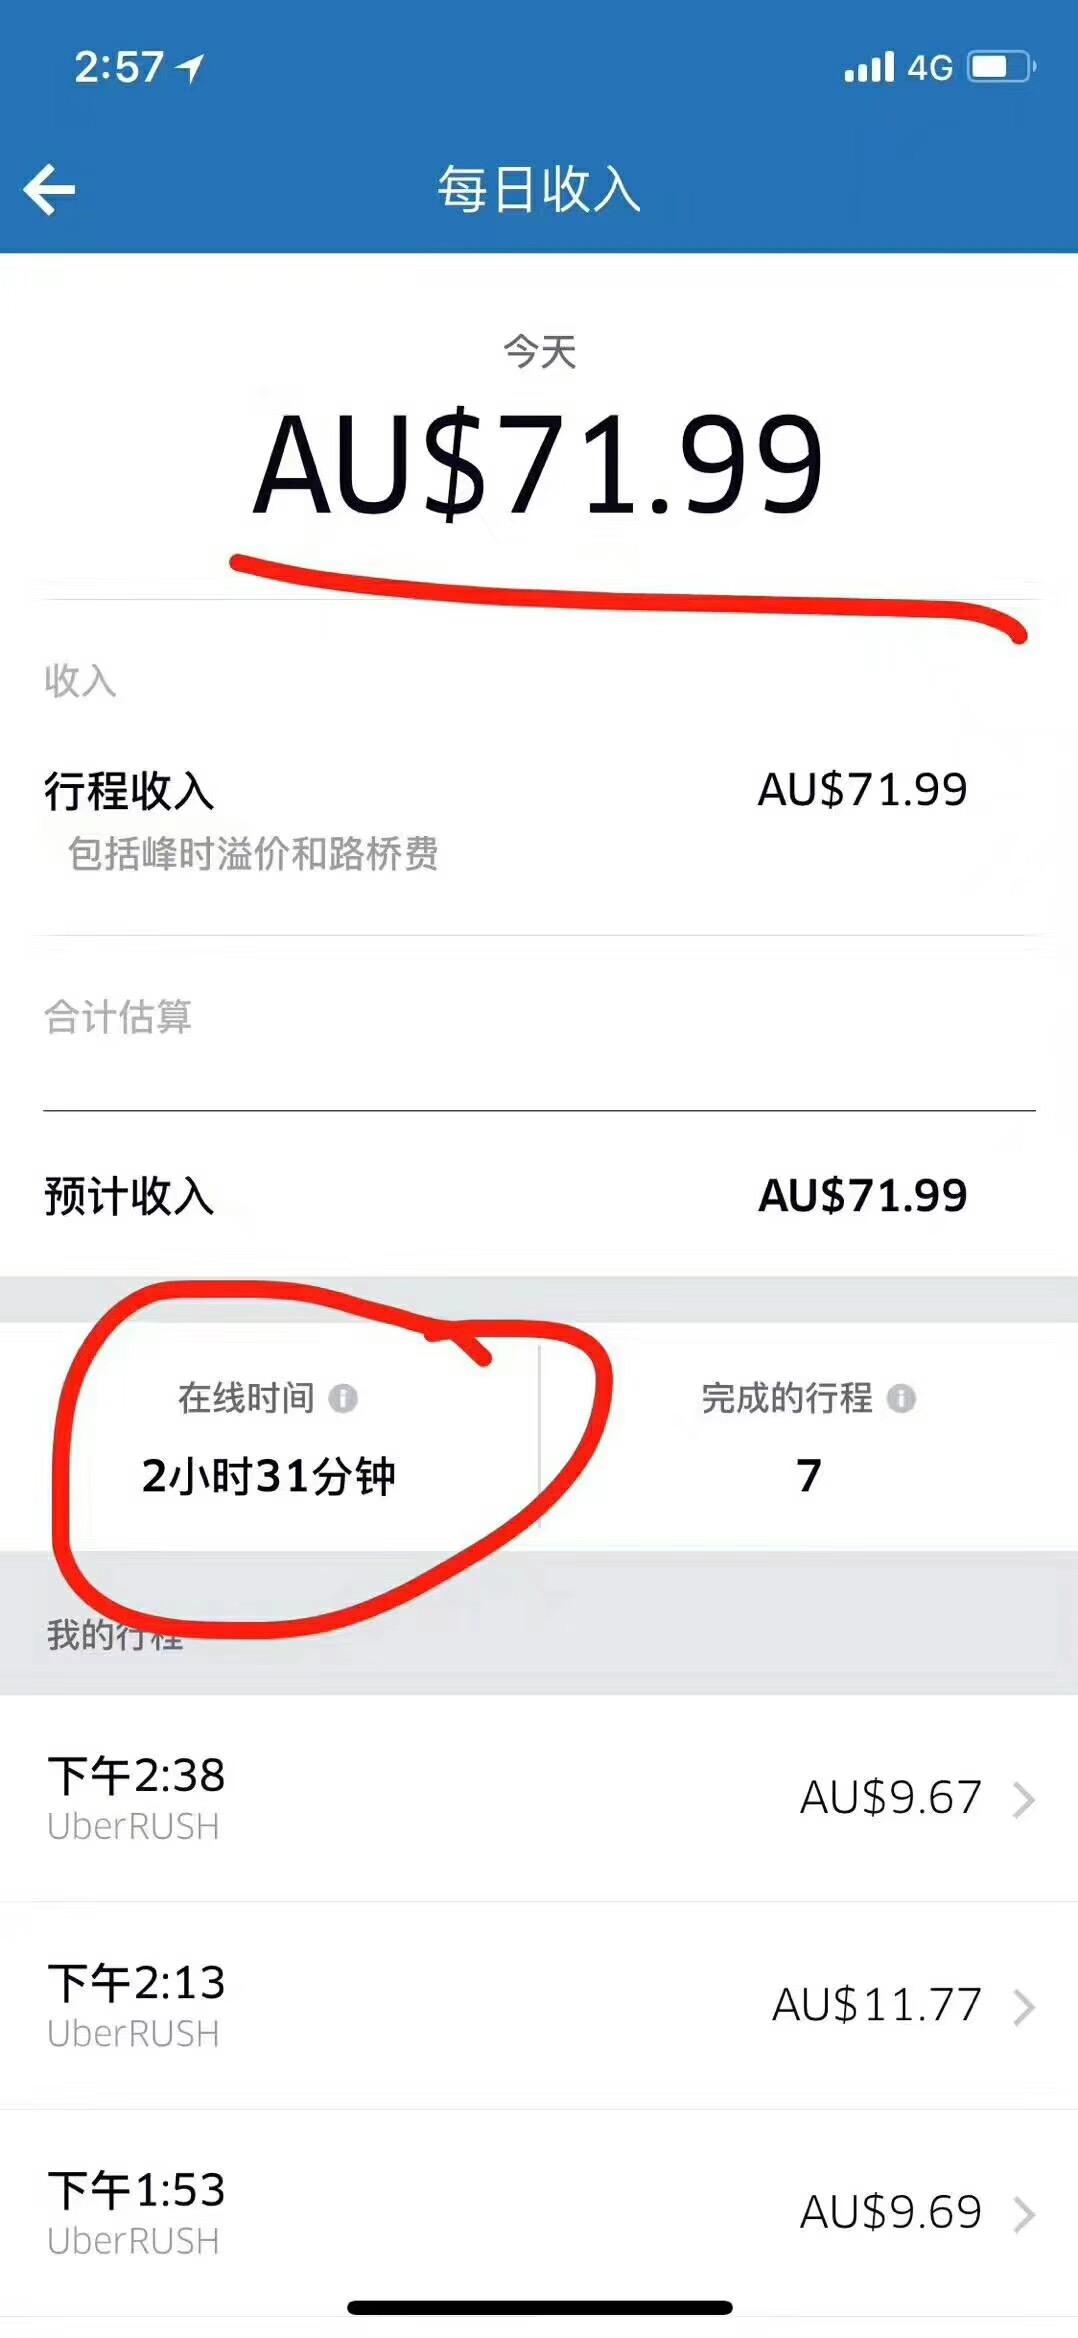 【出国劳务】澳大利亚劳务派遣 澳大利亚签证办理